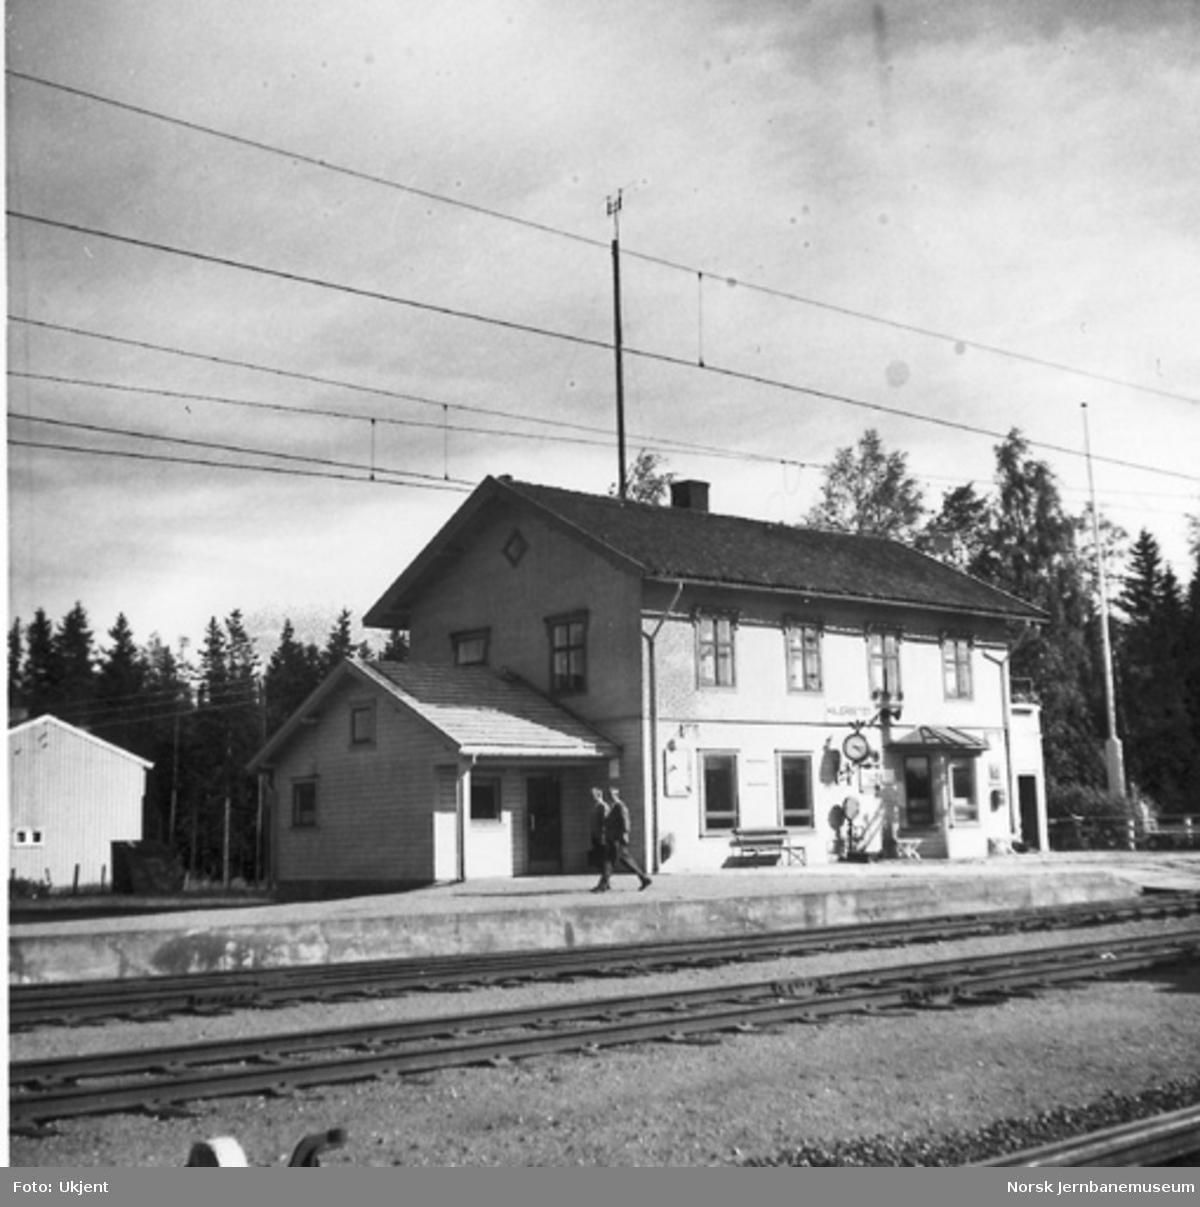 Hauerseter stasjonsbygning